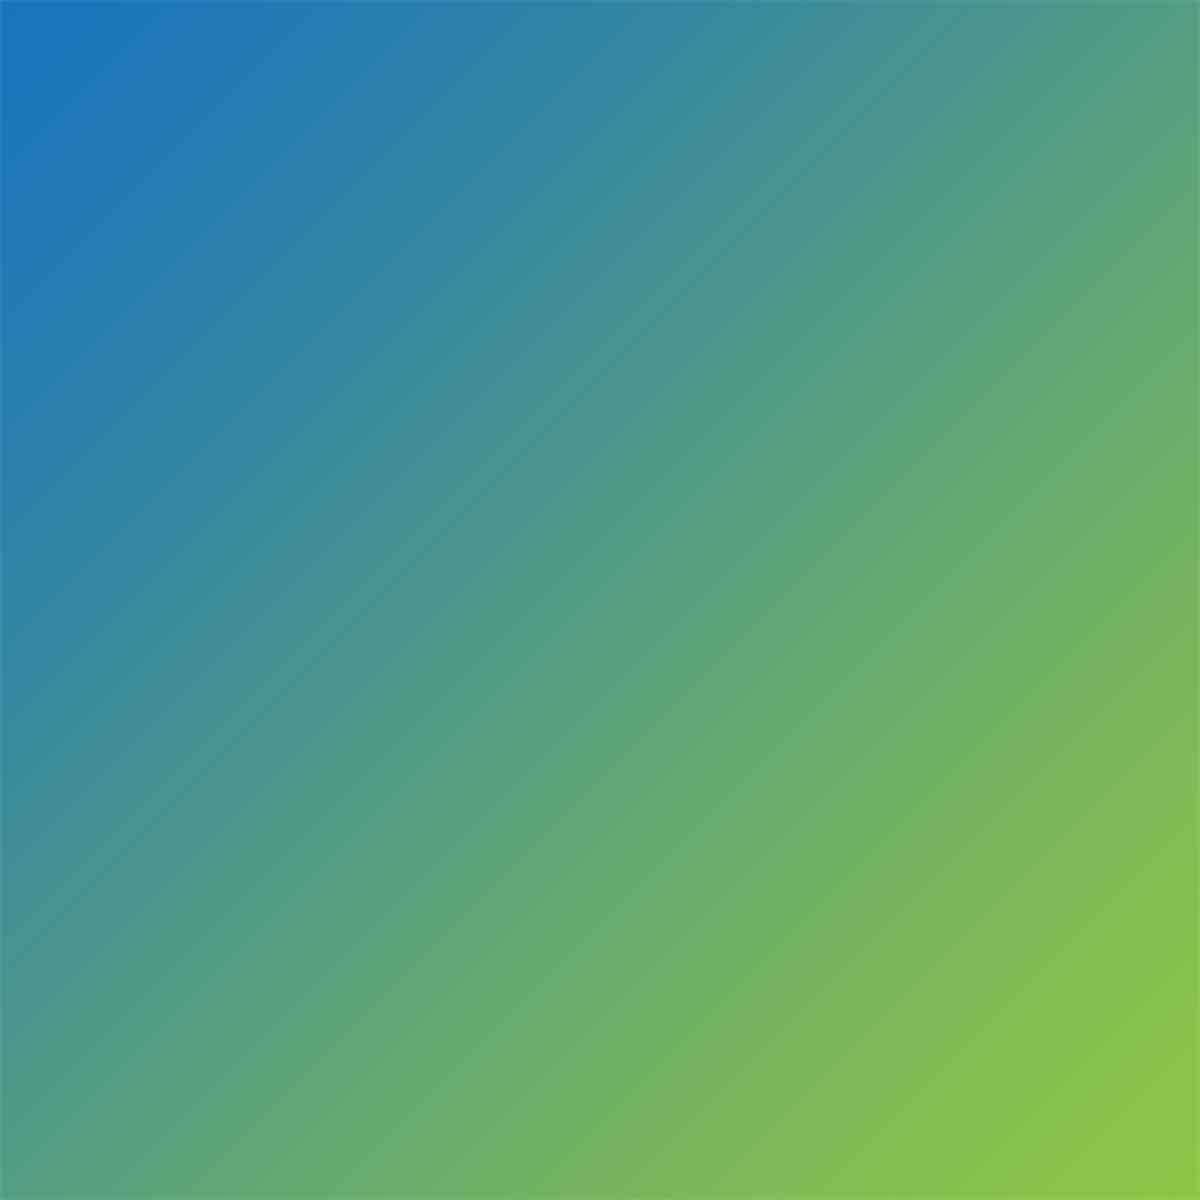 https://avioexpress.ba/wp-content/uploads/2018/09/bgn-image-box-gradient.jpg